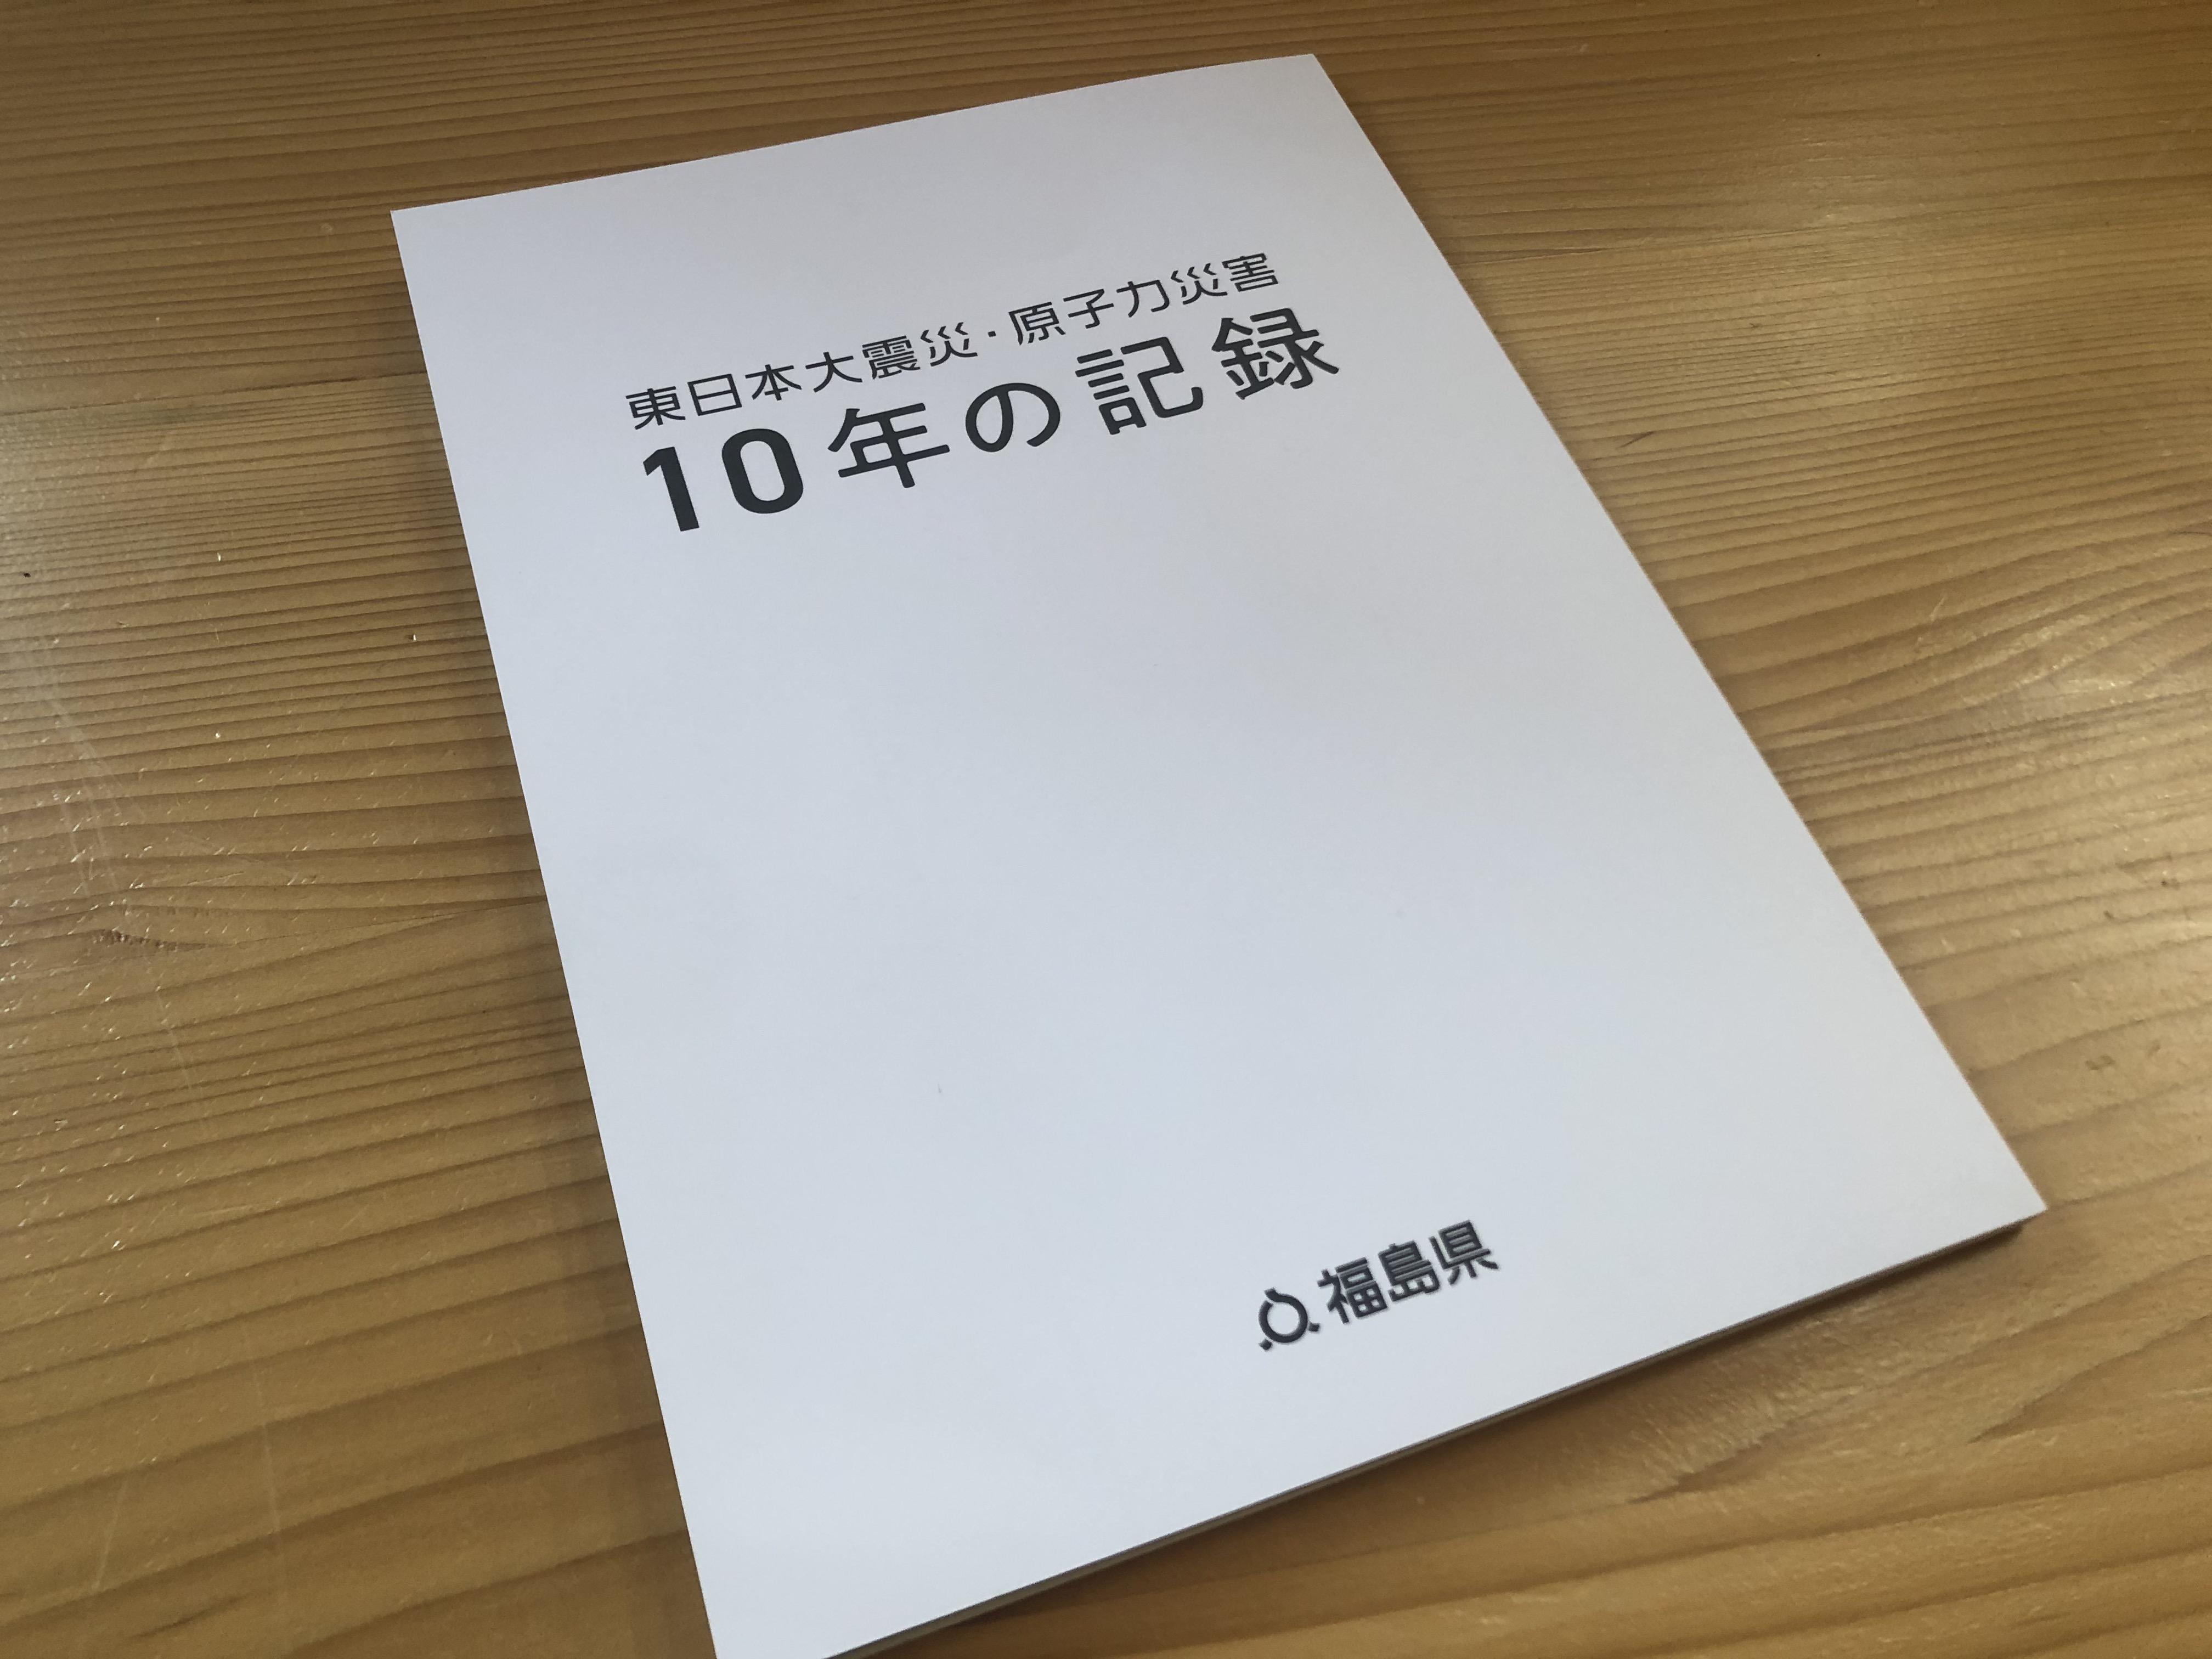 東日本大震災・原子力災害 10年の記録の画像